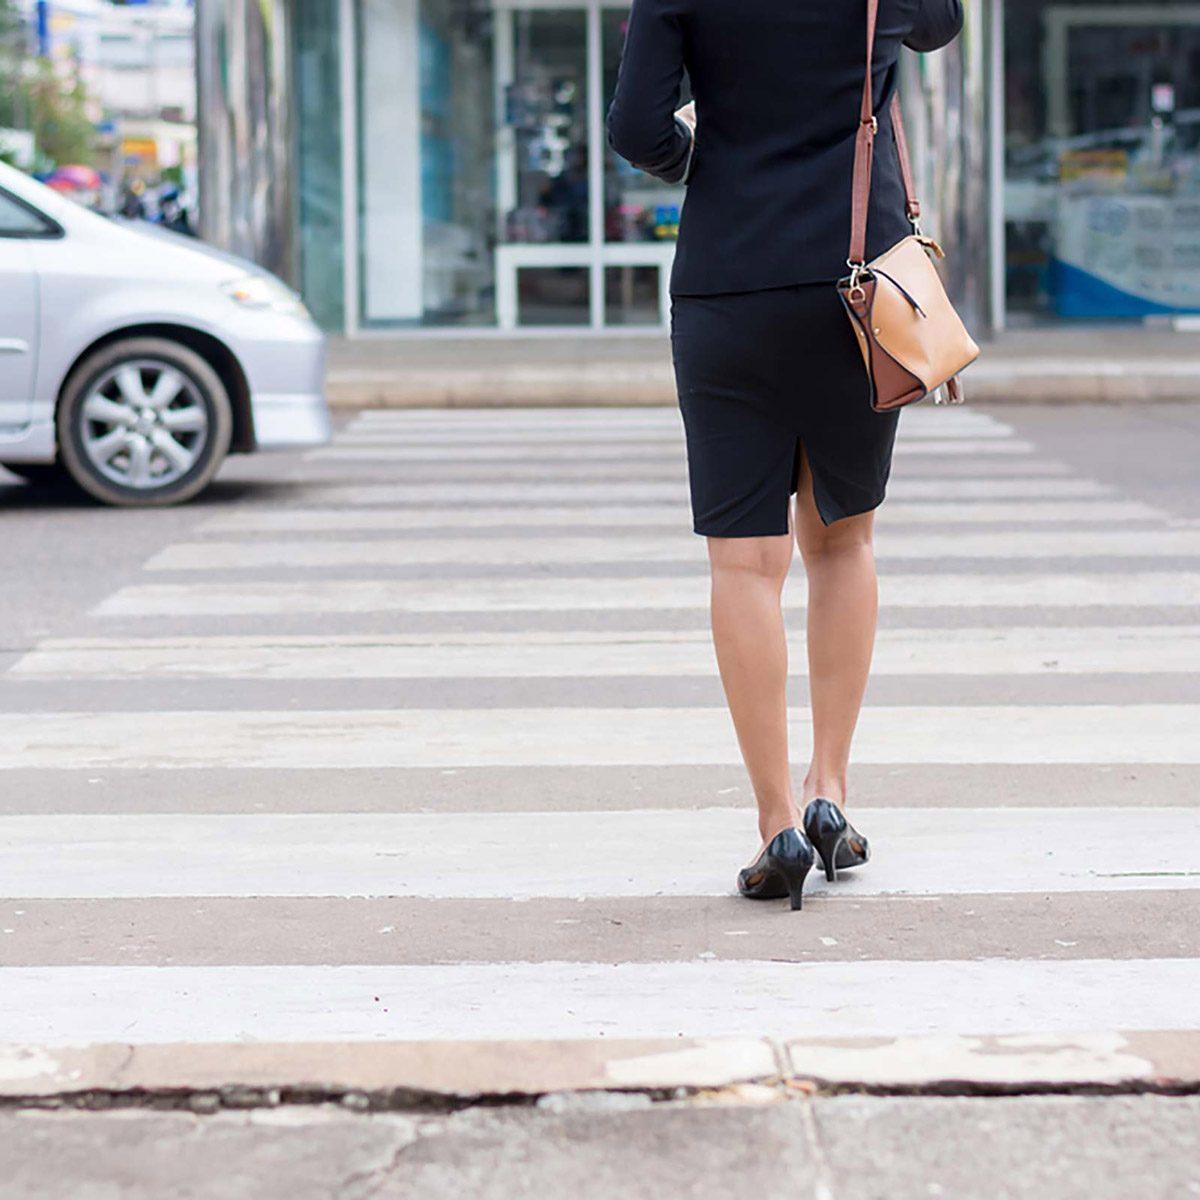 street walking across the street crosswalk